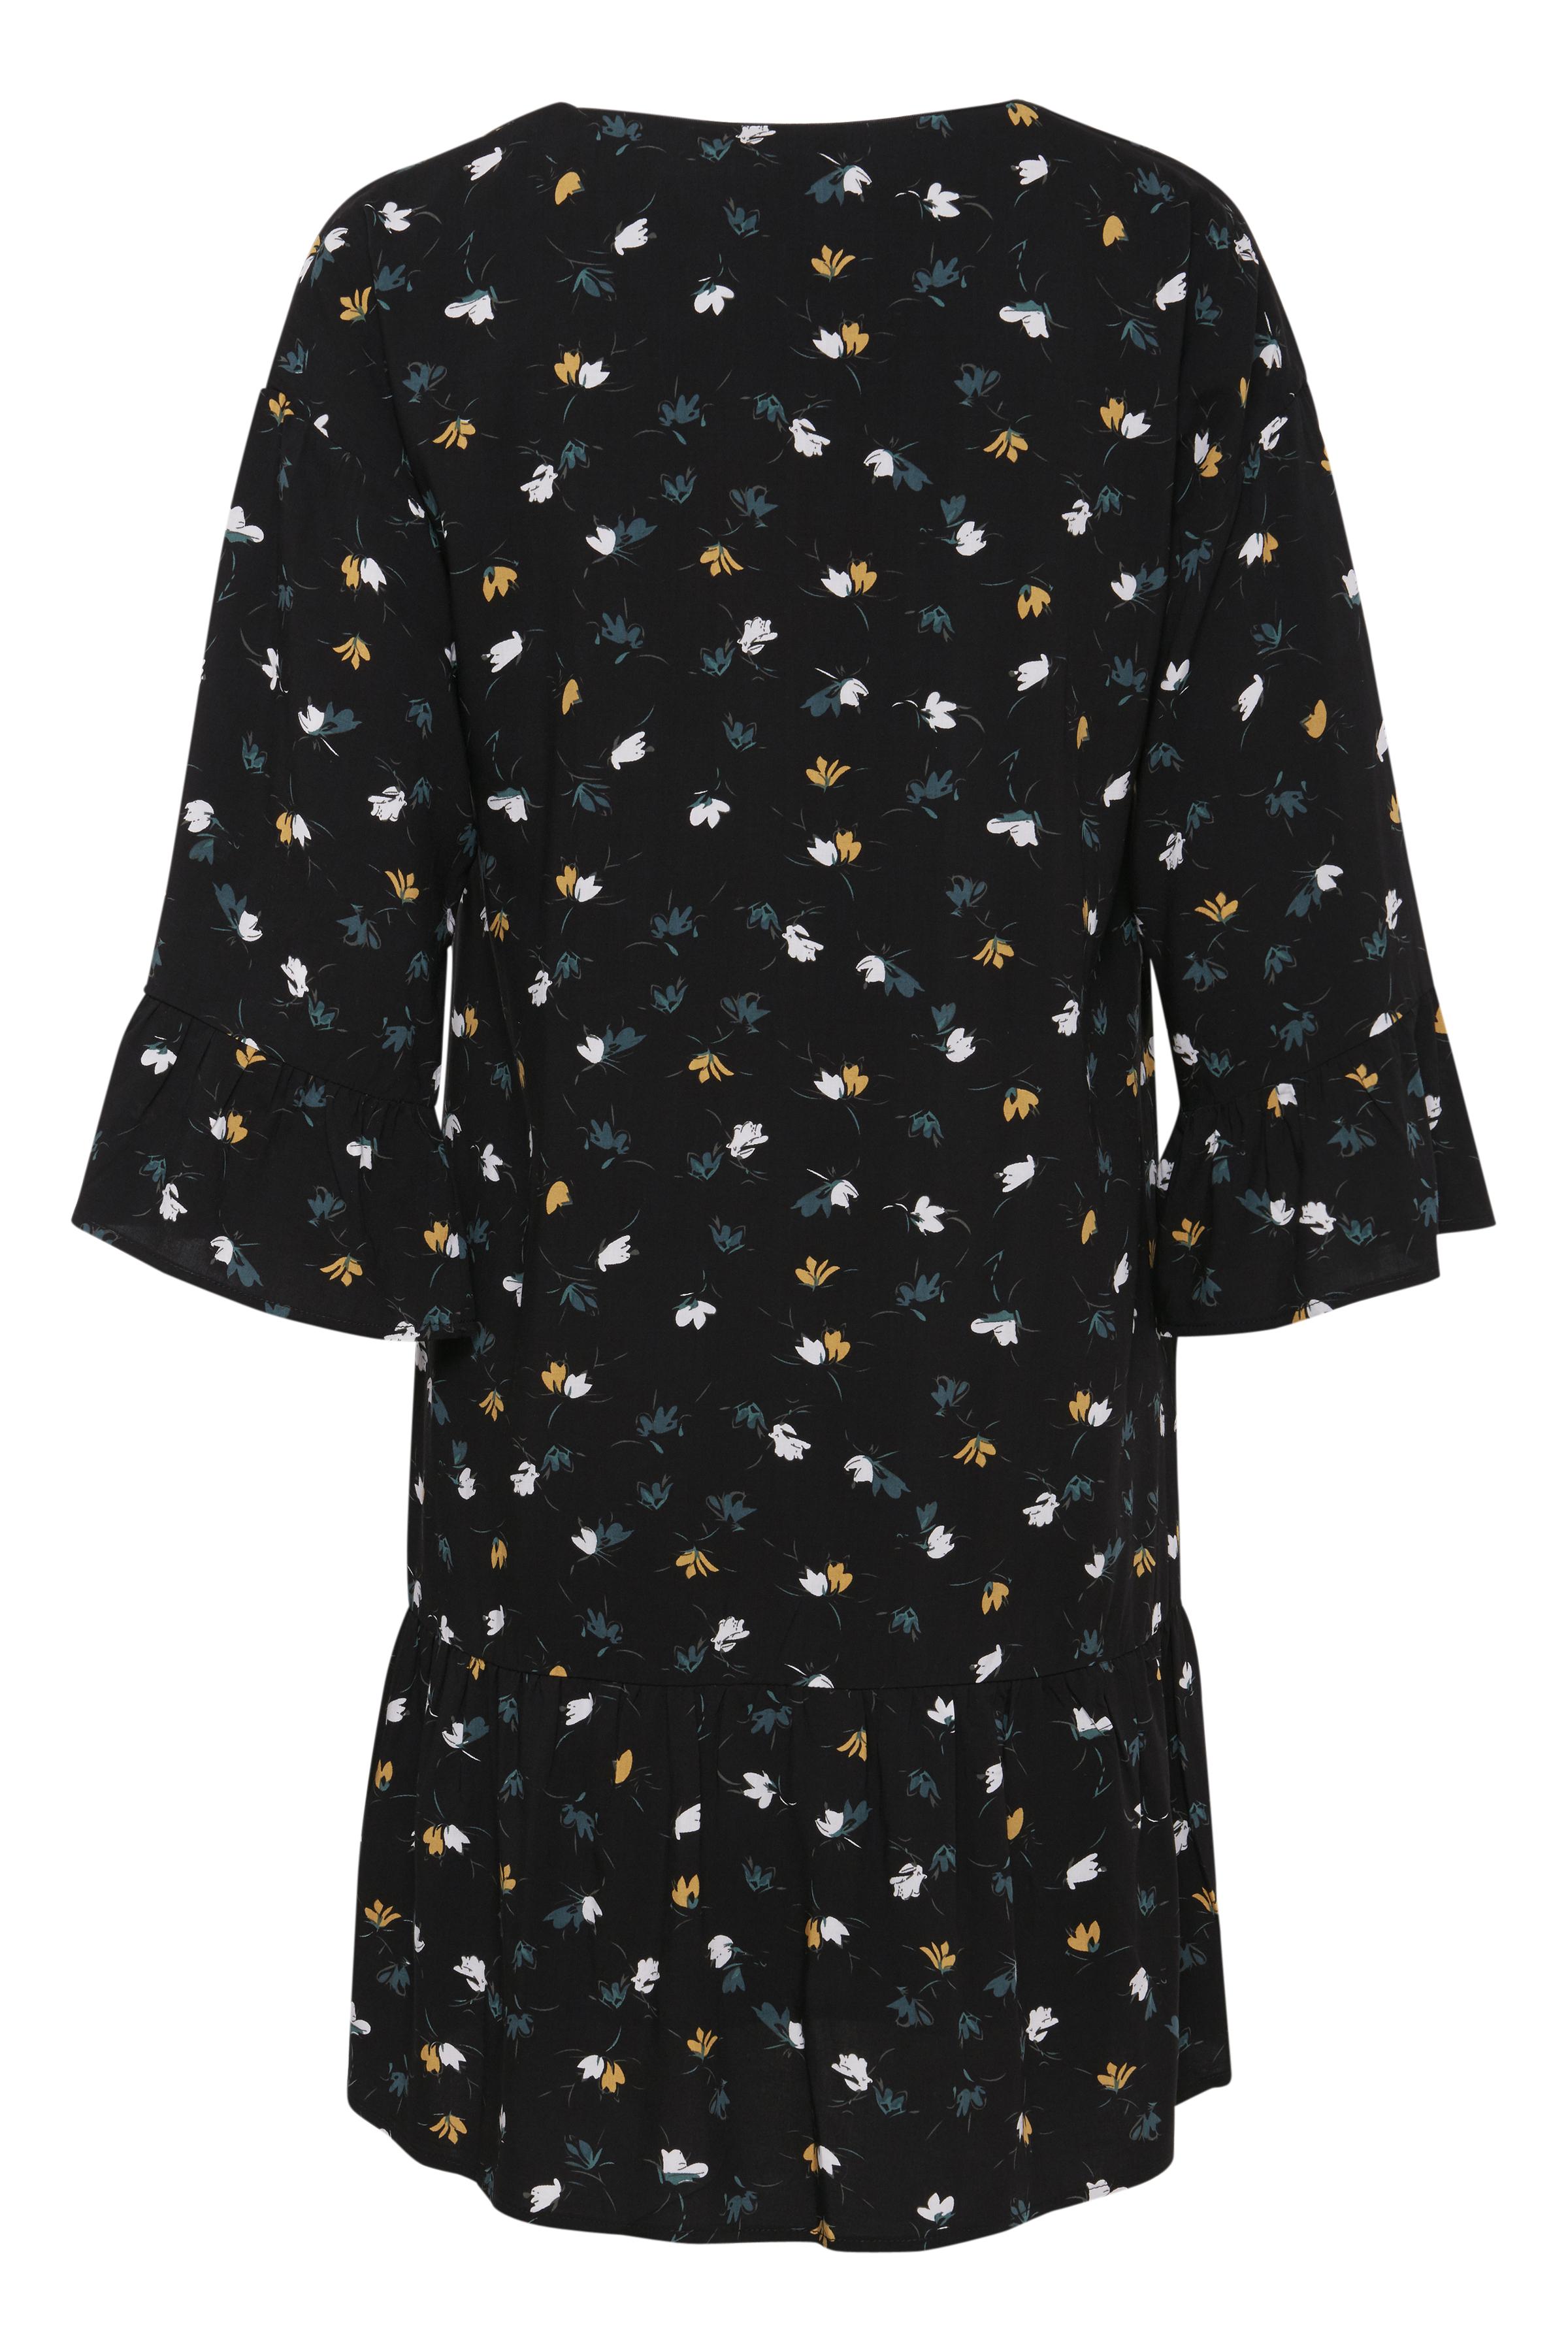 Black combi Kleid von b.young – Kaufen Sie Black combi Kleid aus Größe 36-42 hier